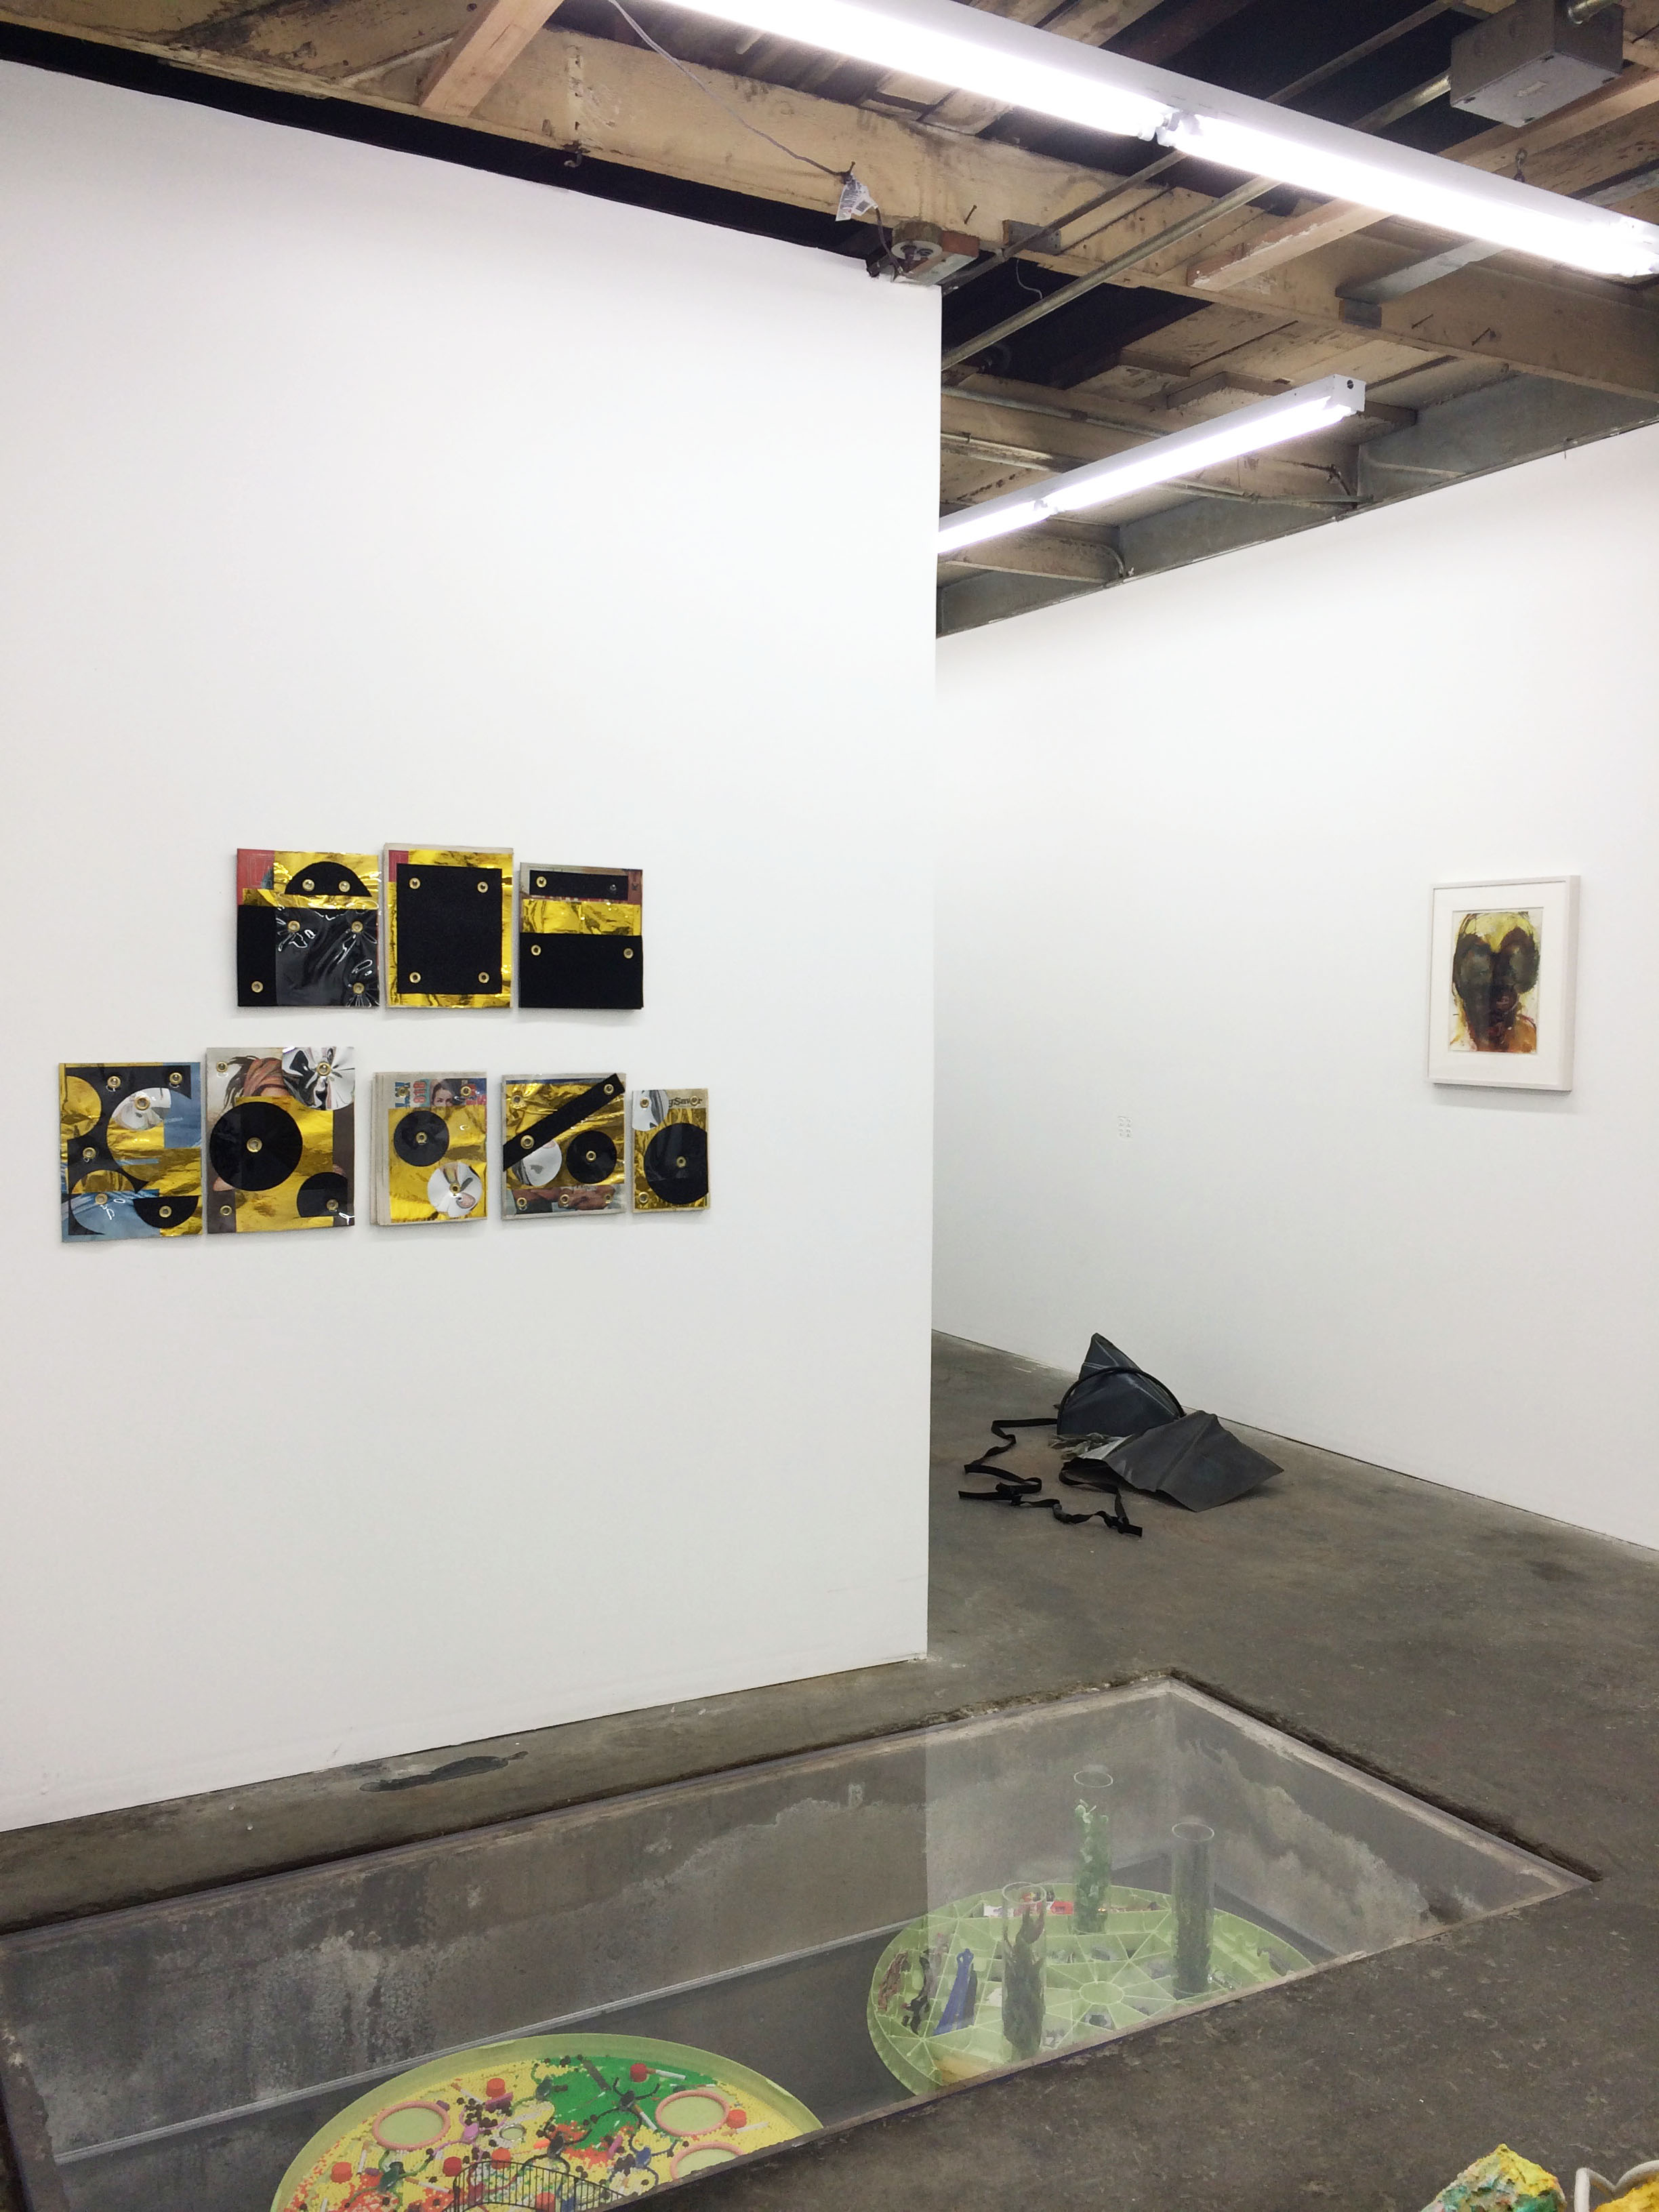 David Shull, Sean Kennedy, Alisa Baremboym, Huma Bhabha